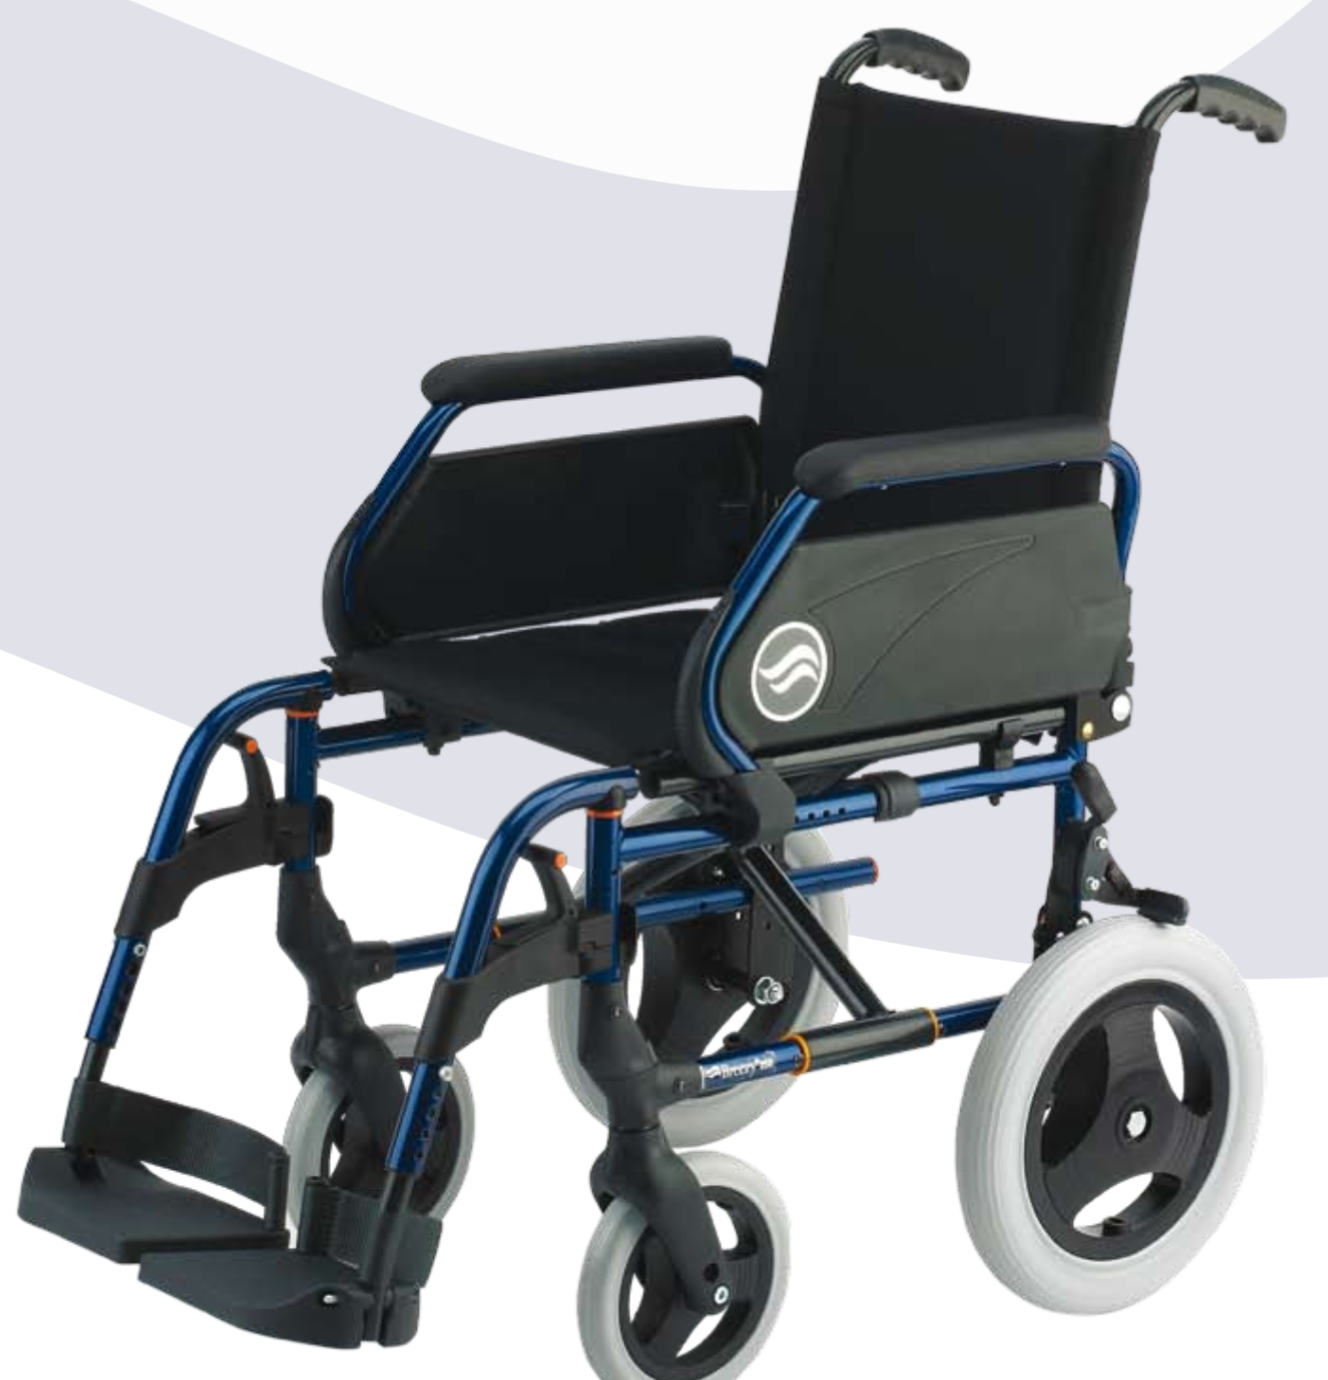 Silla de ruedas plegable breezy 250 de venta en la boutique de la salud - La boutique de la silla ...